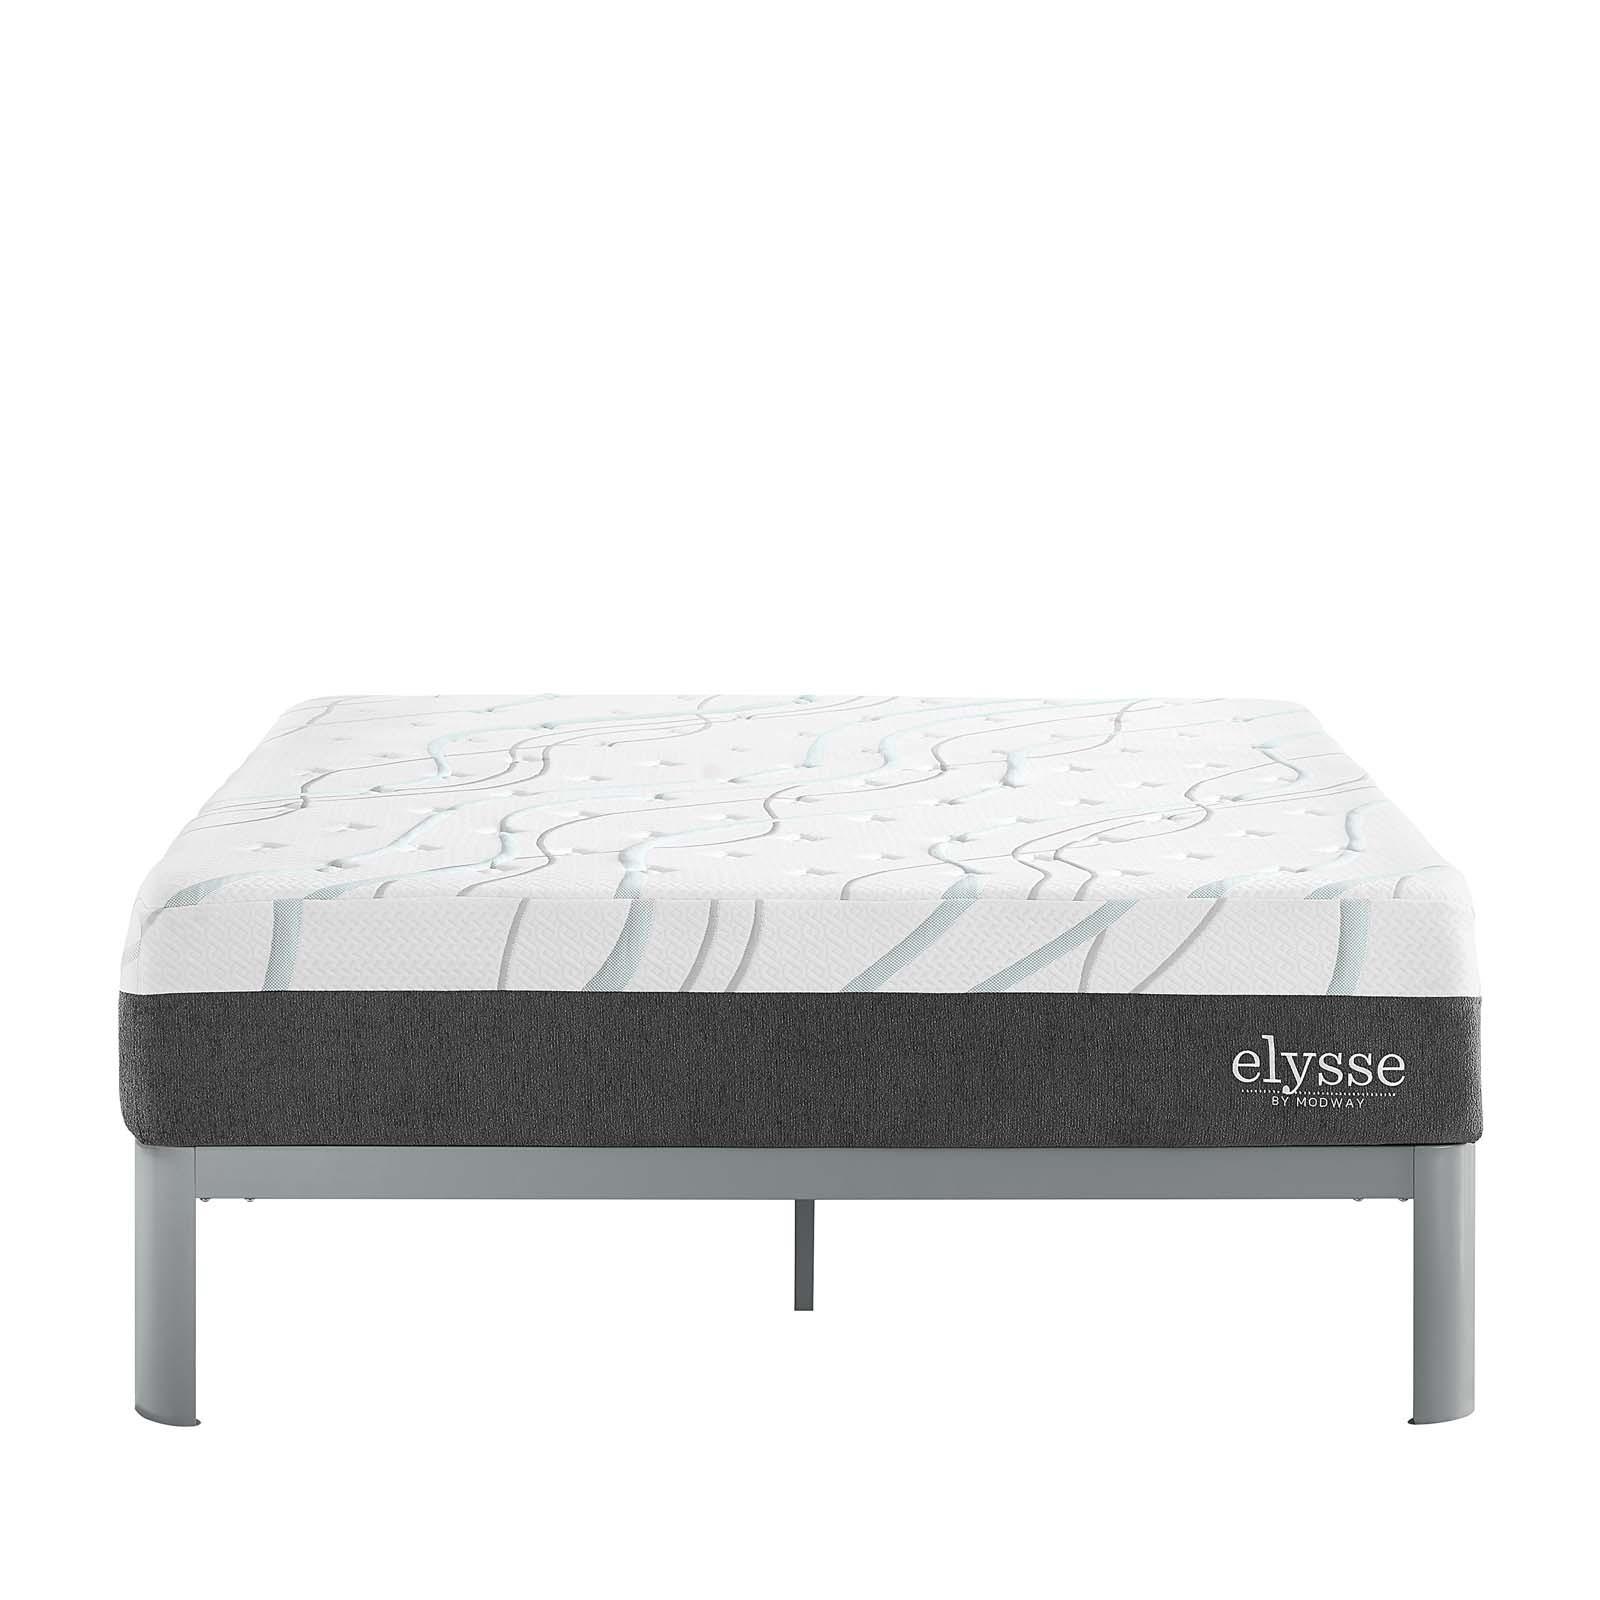 """Elysse King Certified Foam 12"""" Gel Infused Hybrid Mattress"""